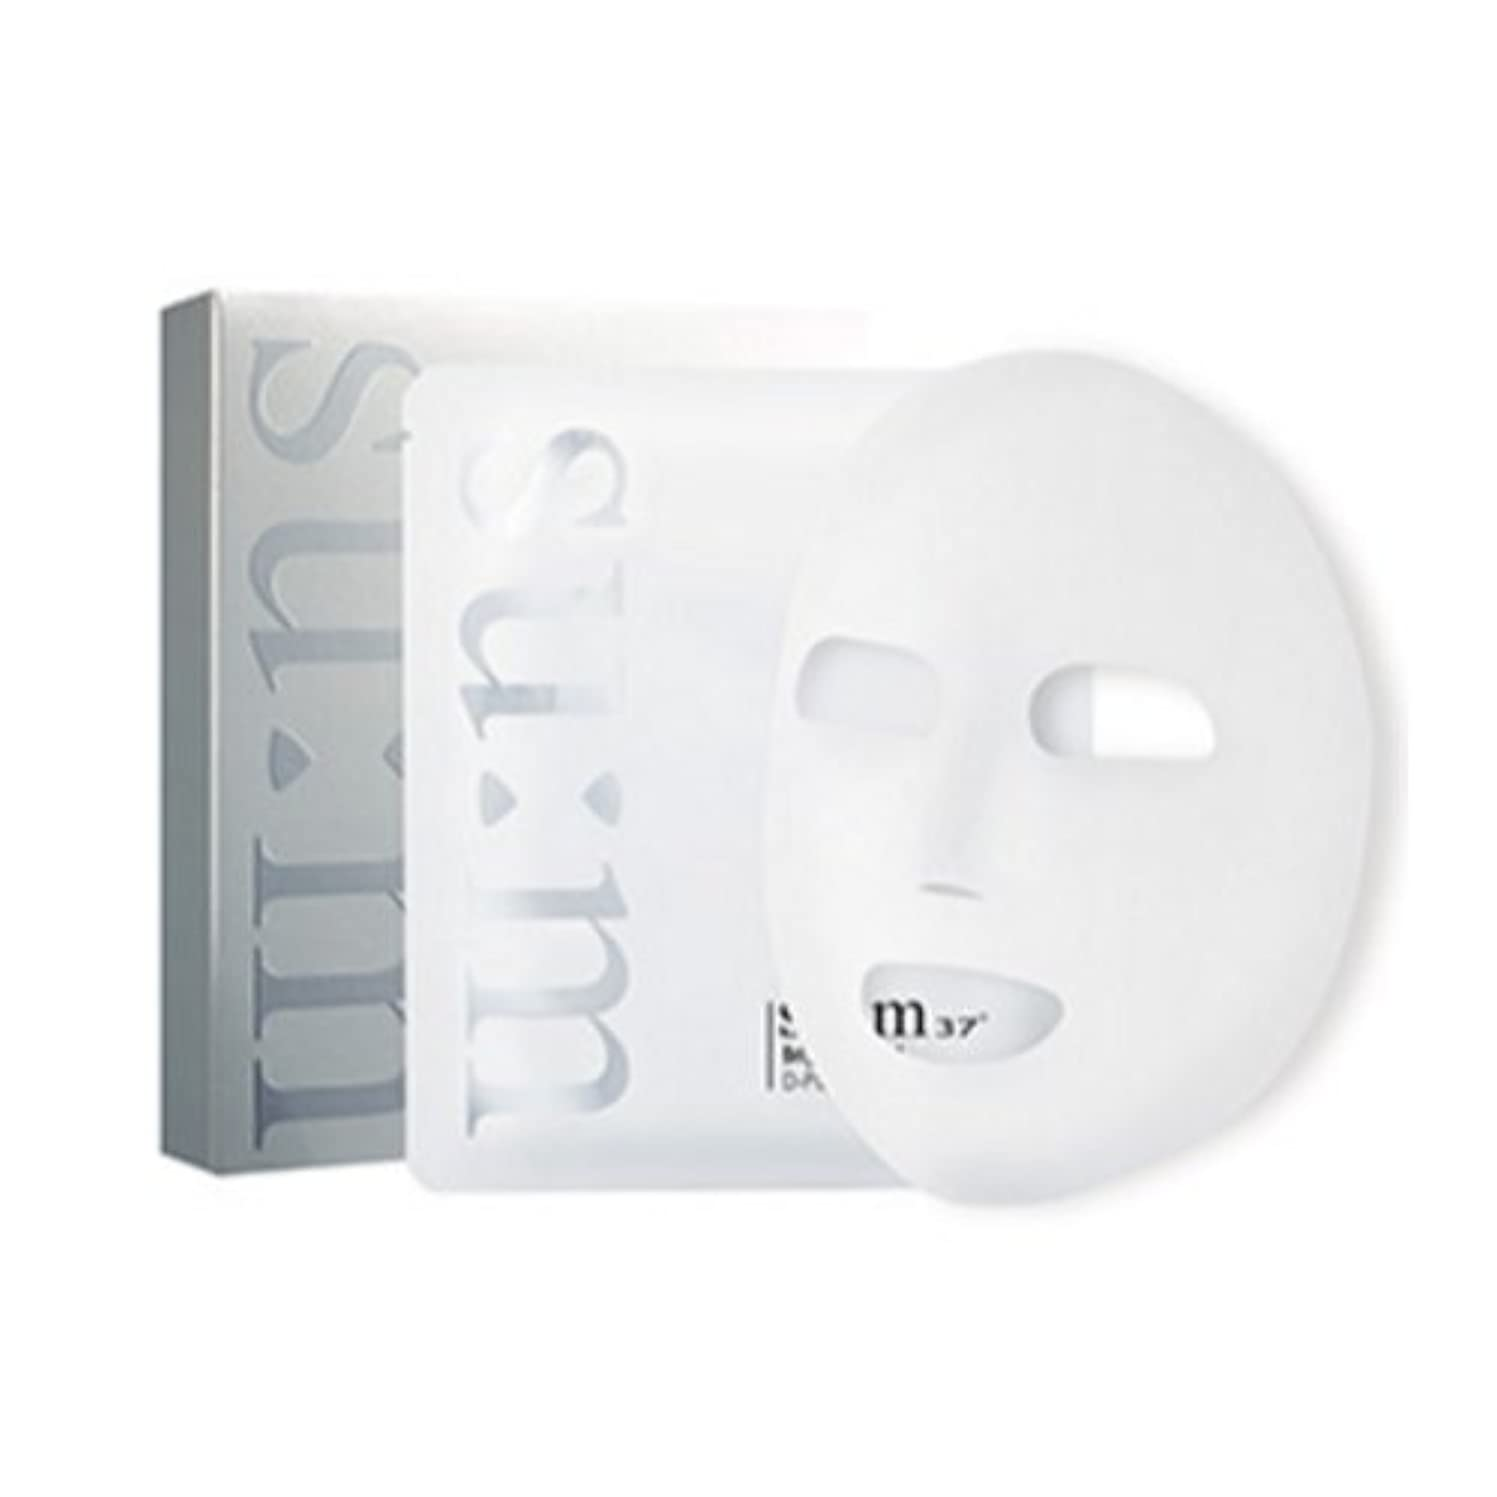 克服する提案する含む[スム37°] su:m37°ブライトアワードD-浄化粘土シートマスク(10ea)海外直送品(su:m37° Bright Award D-Purifying Clay Sheet Mask (10ea)) [並行輸入品]